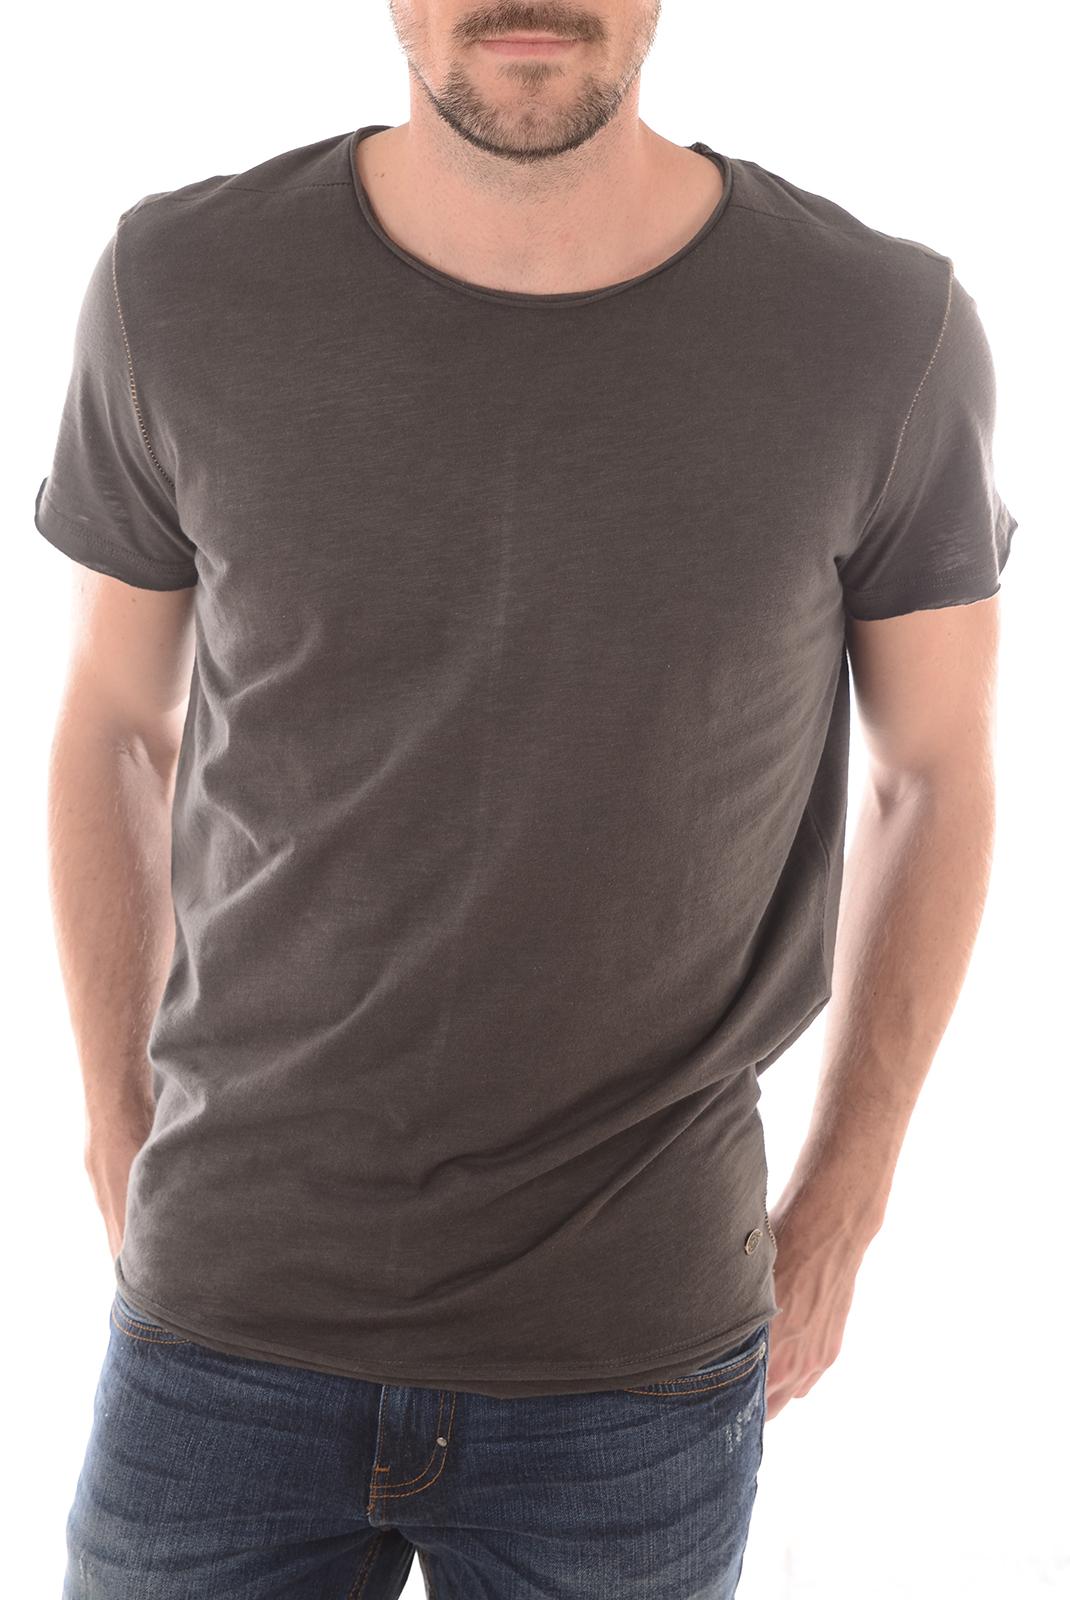 Image du produit Tee-shirts Jack And Jones Homme S,m,l,xl